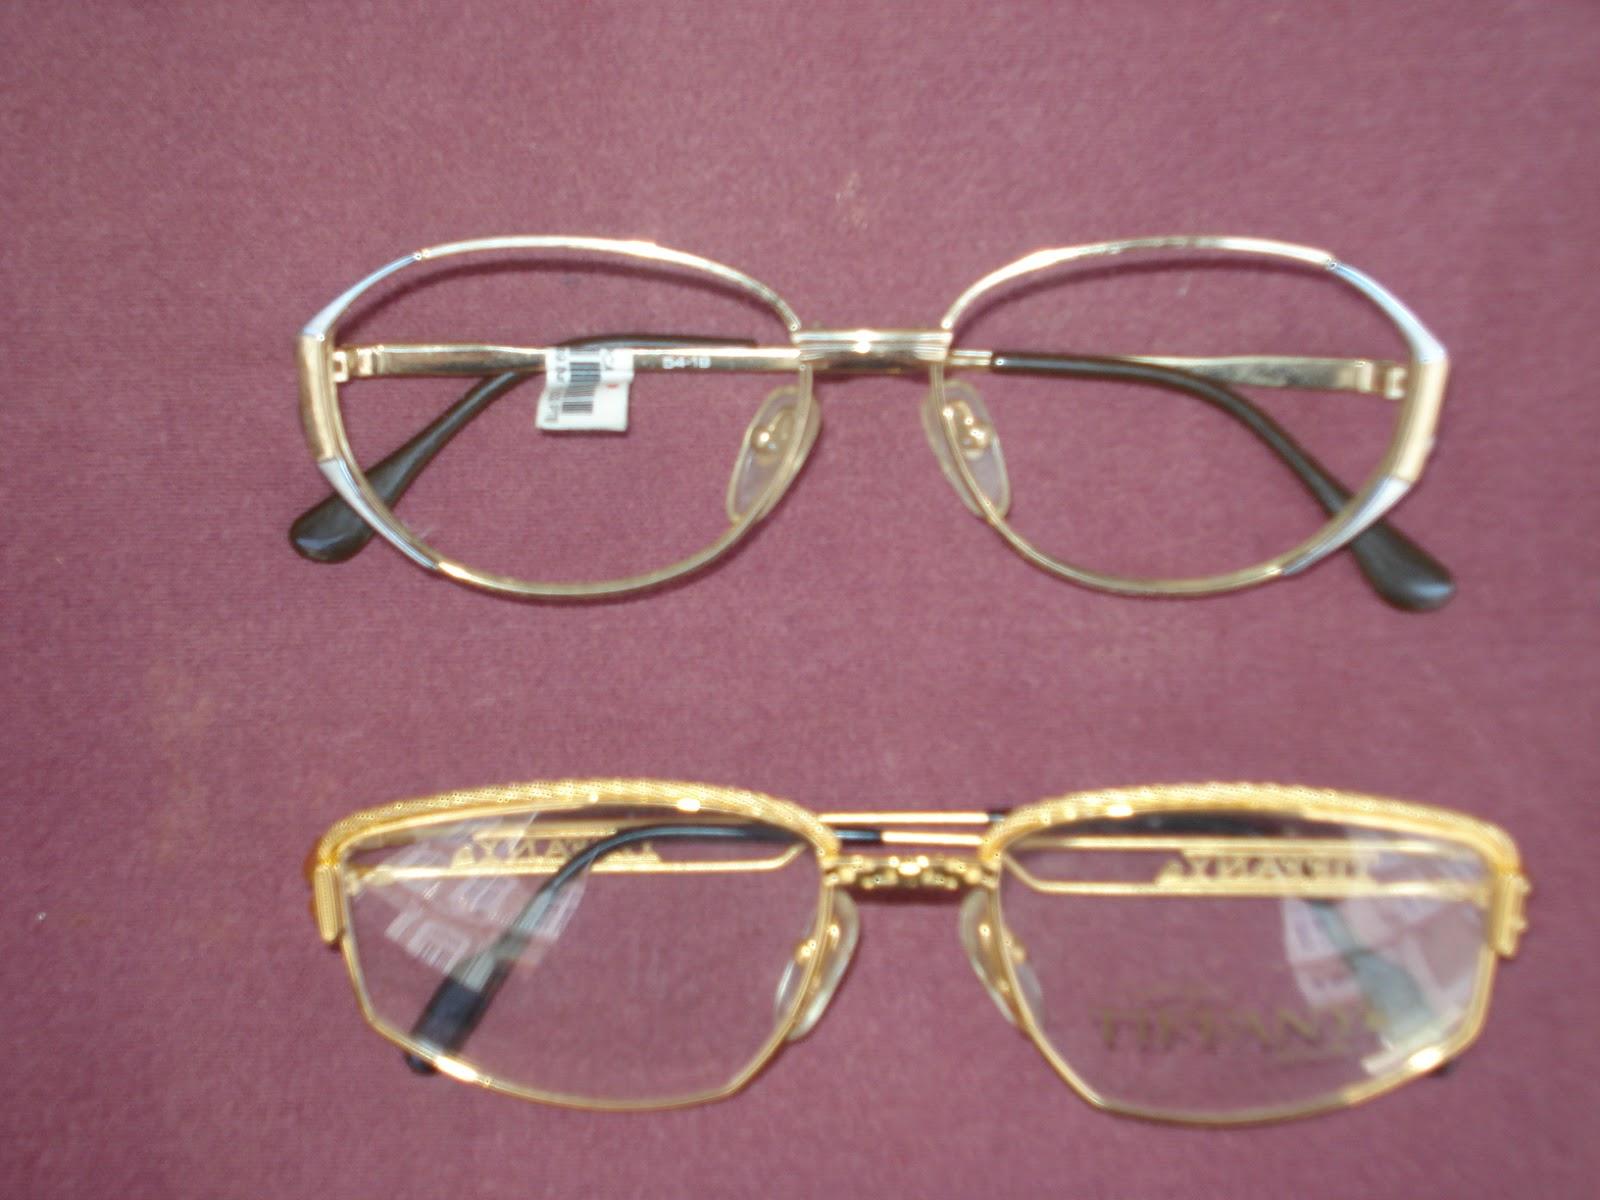 bef54945d4df0 Loja do Manequim à Porta  Óculos